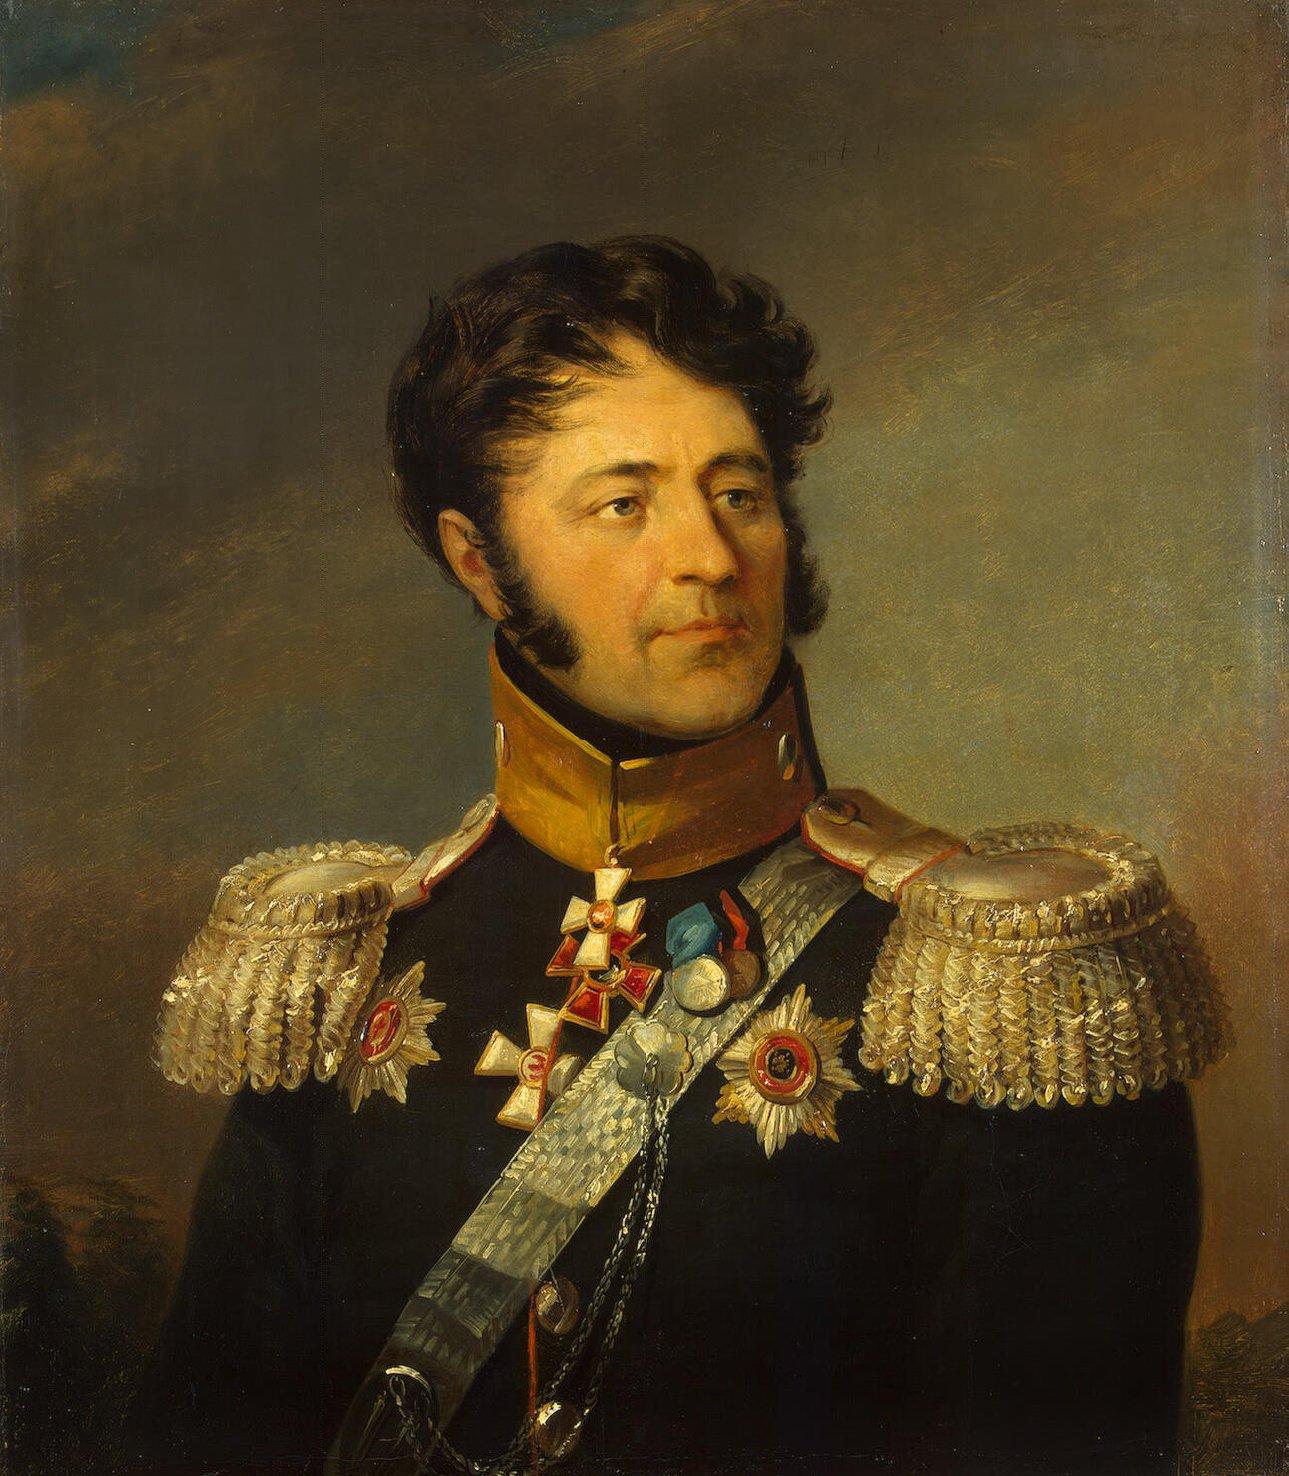 Денисьев, Лука Алексеевич